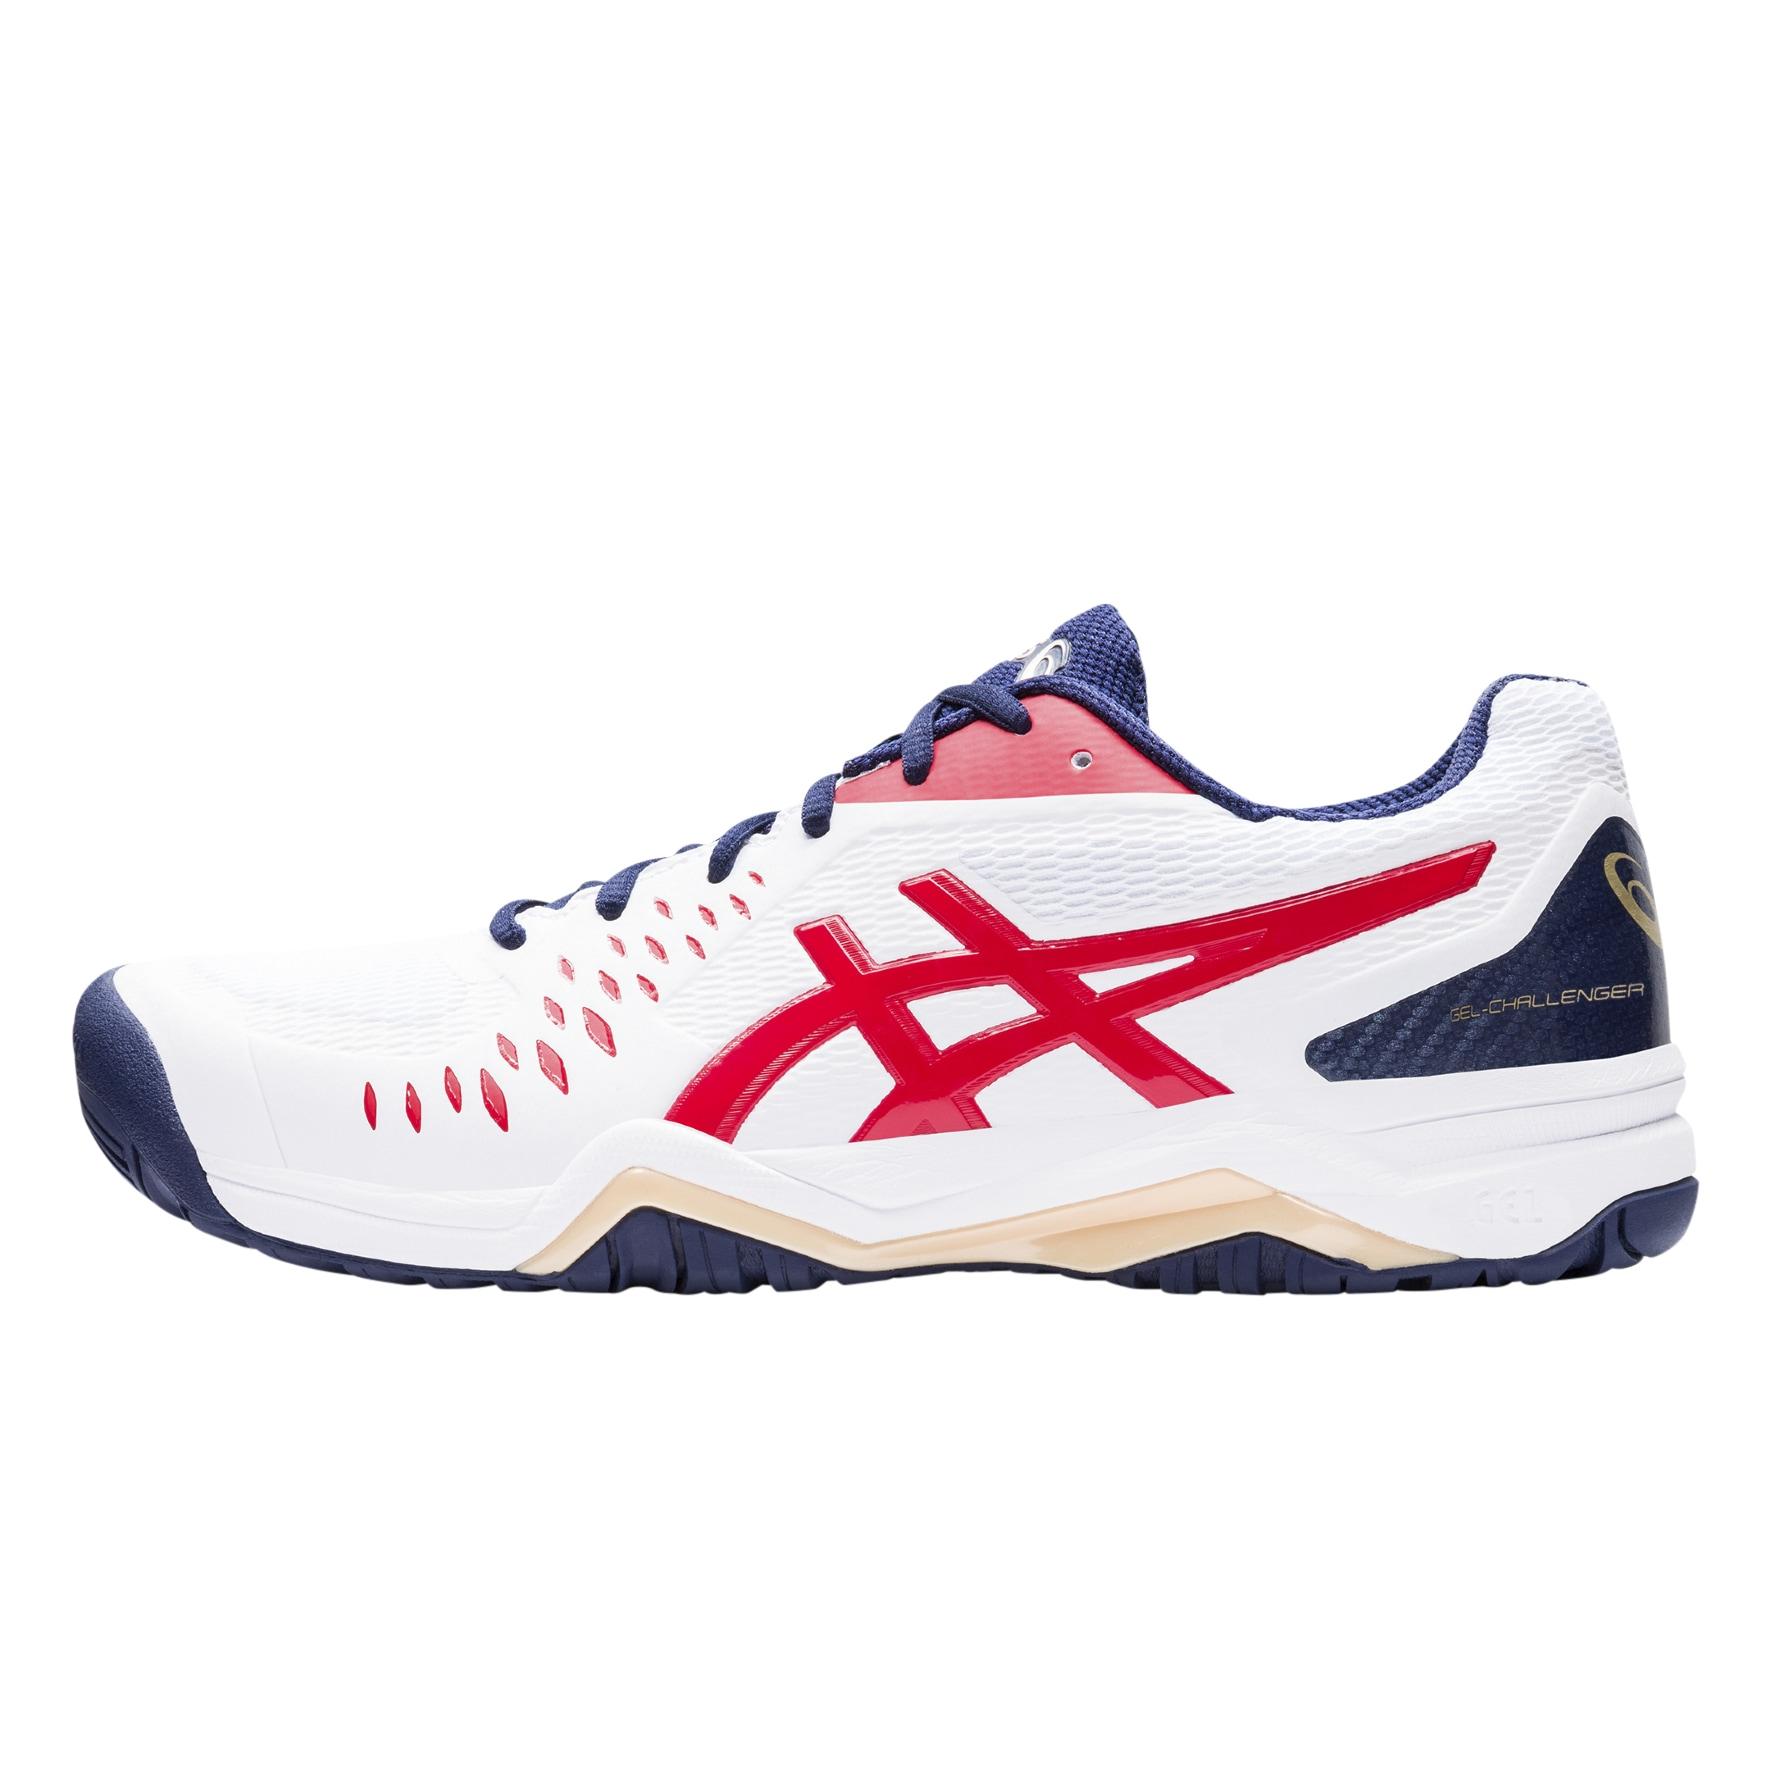 Asics Tennisschuh GEL-CHALLENGER 12 Herrenmode/Schuhe/Sportschuhe/Tennisschuhe